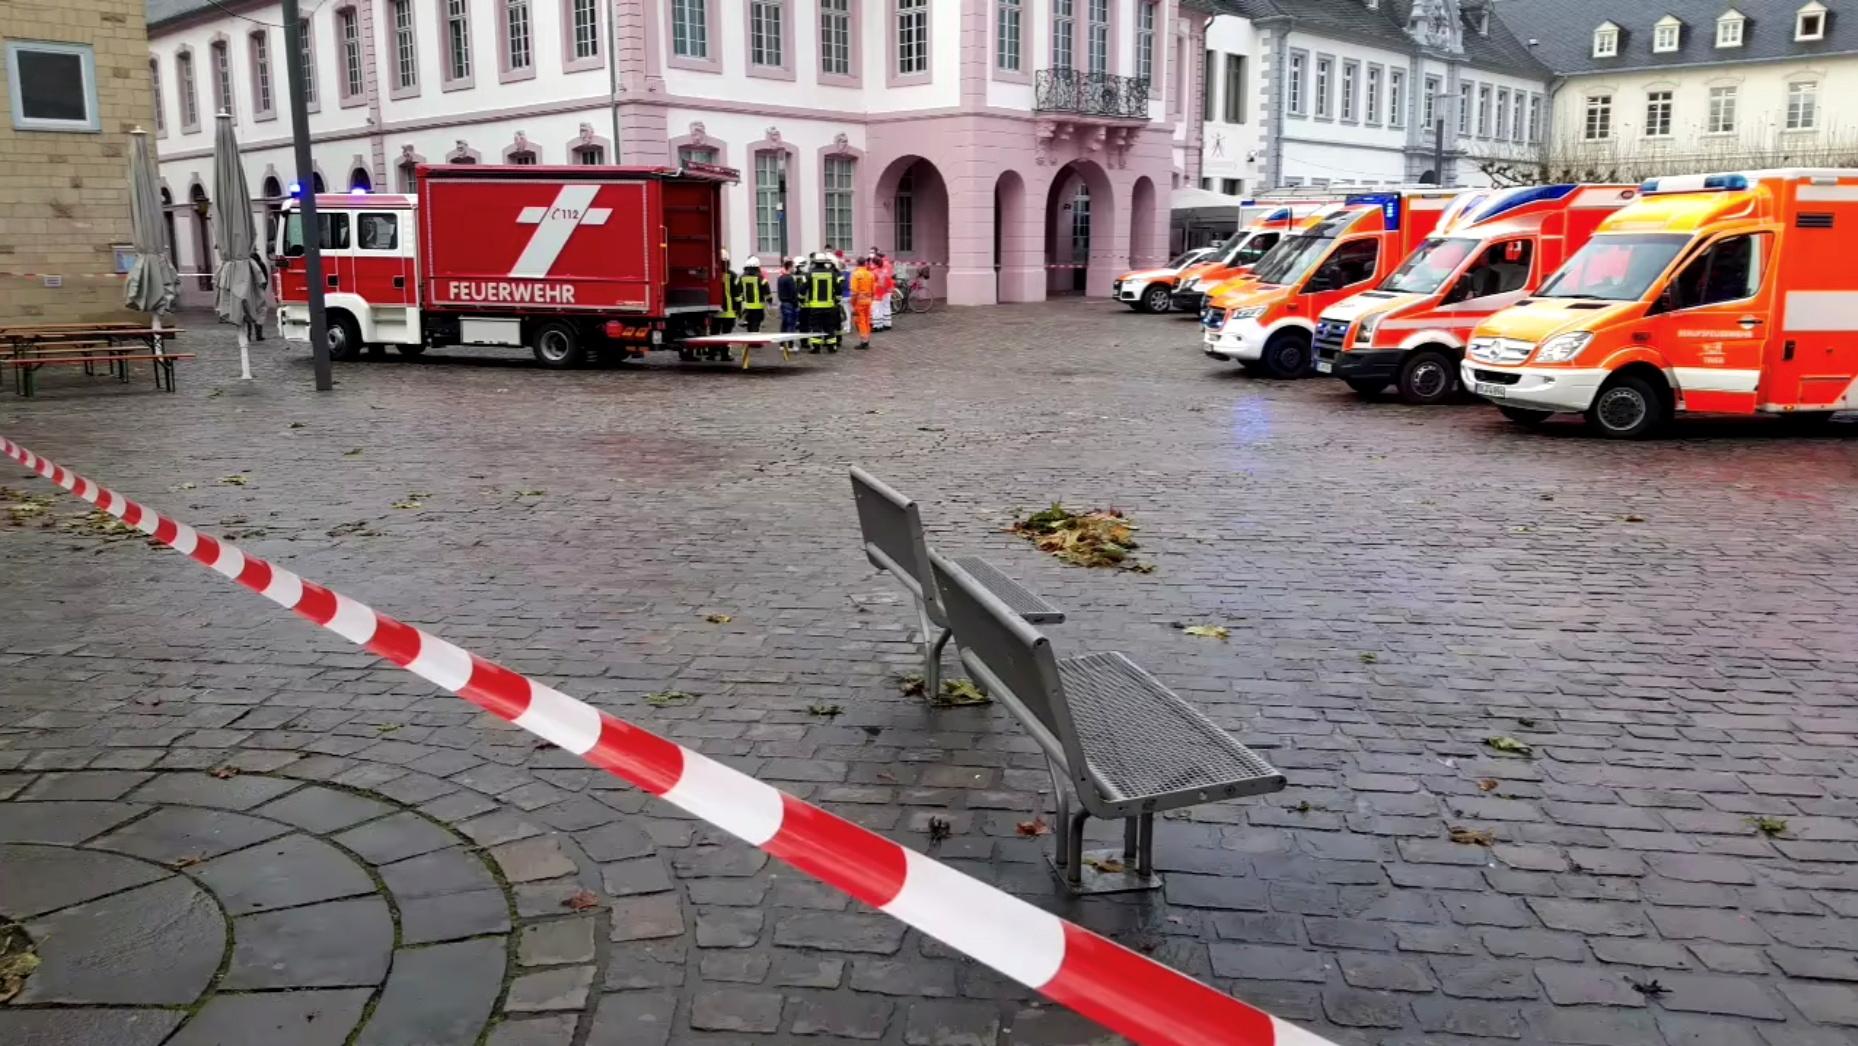 Γερμανία: Έλληνες τα 2 από τα 5 θύματα στο Τρίερ! Νεκρός ο πατέρας και το 2 μηνών κοριτσάκι του